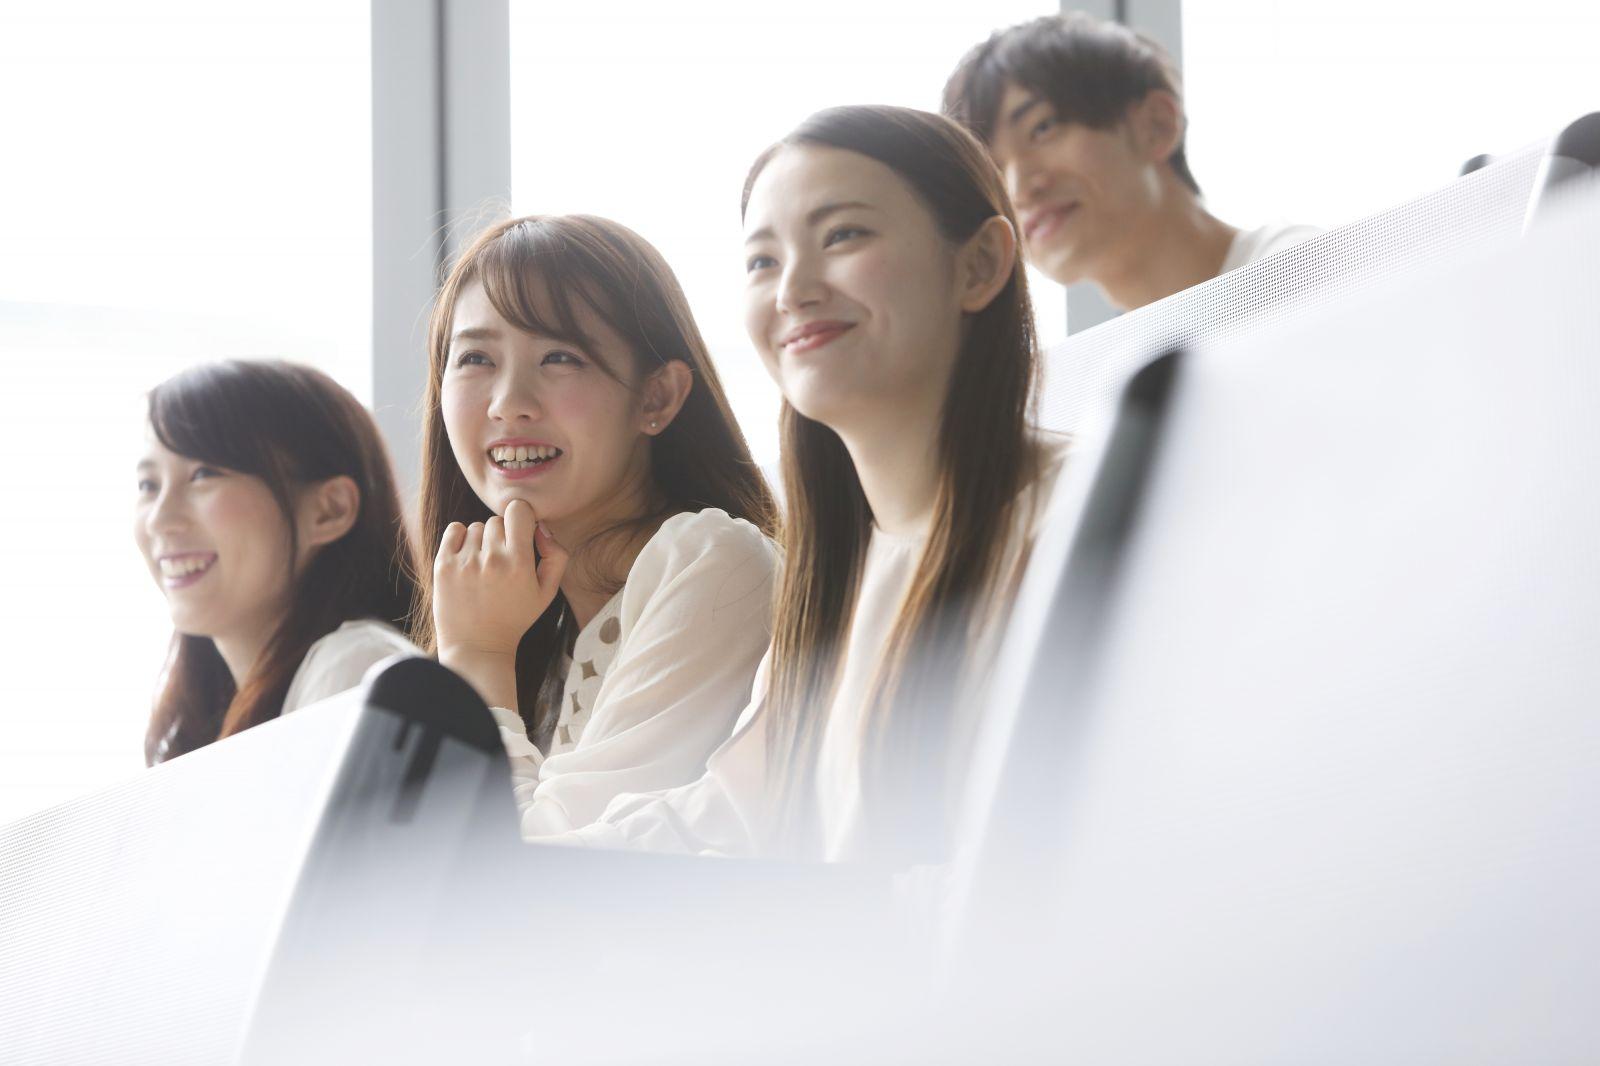 横浜キャンパス_2020/04/25 春のオープンキャンパス